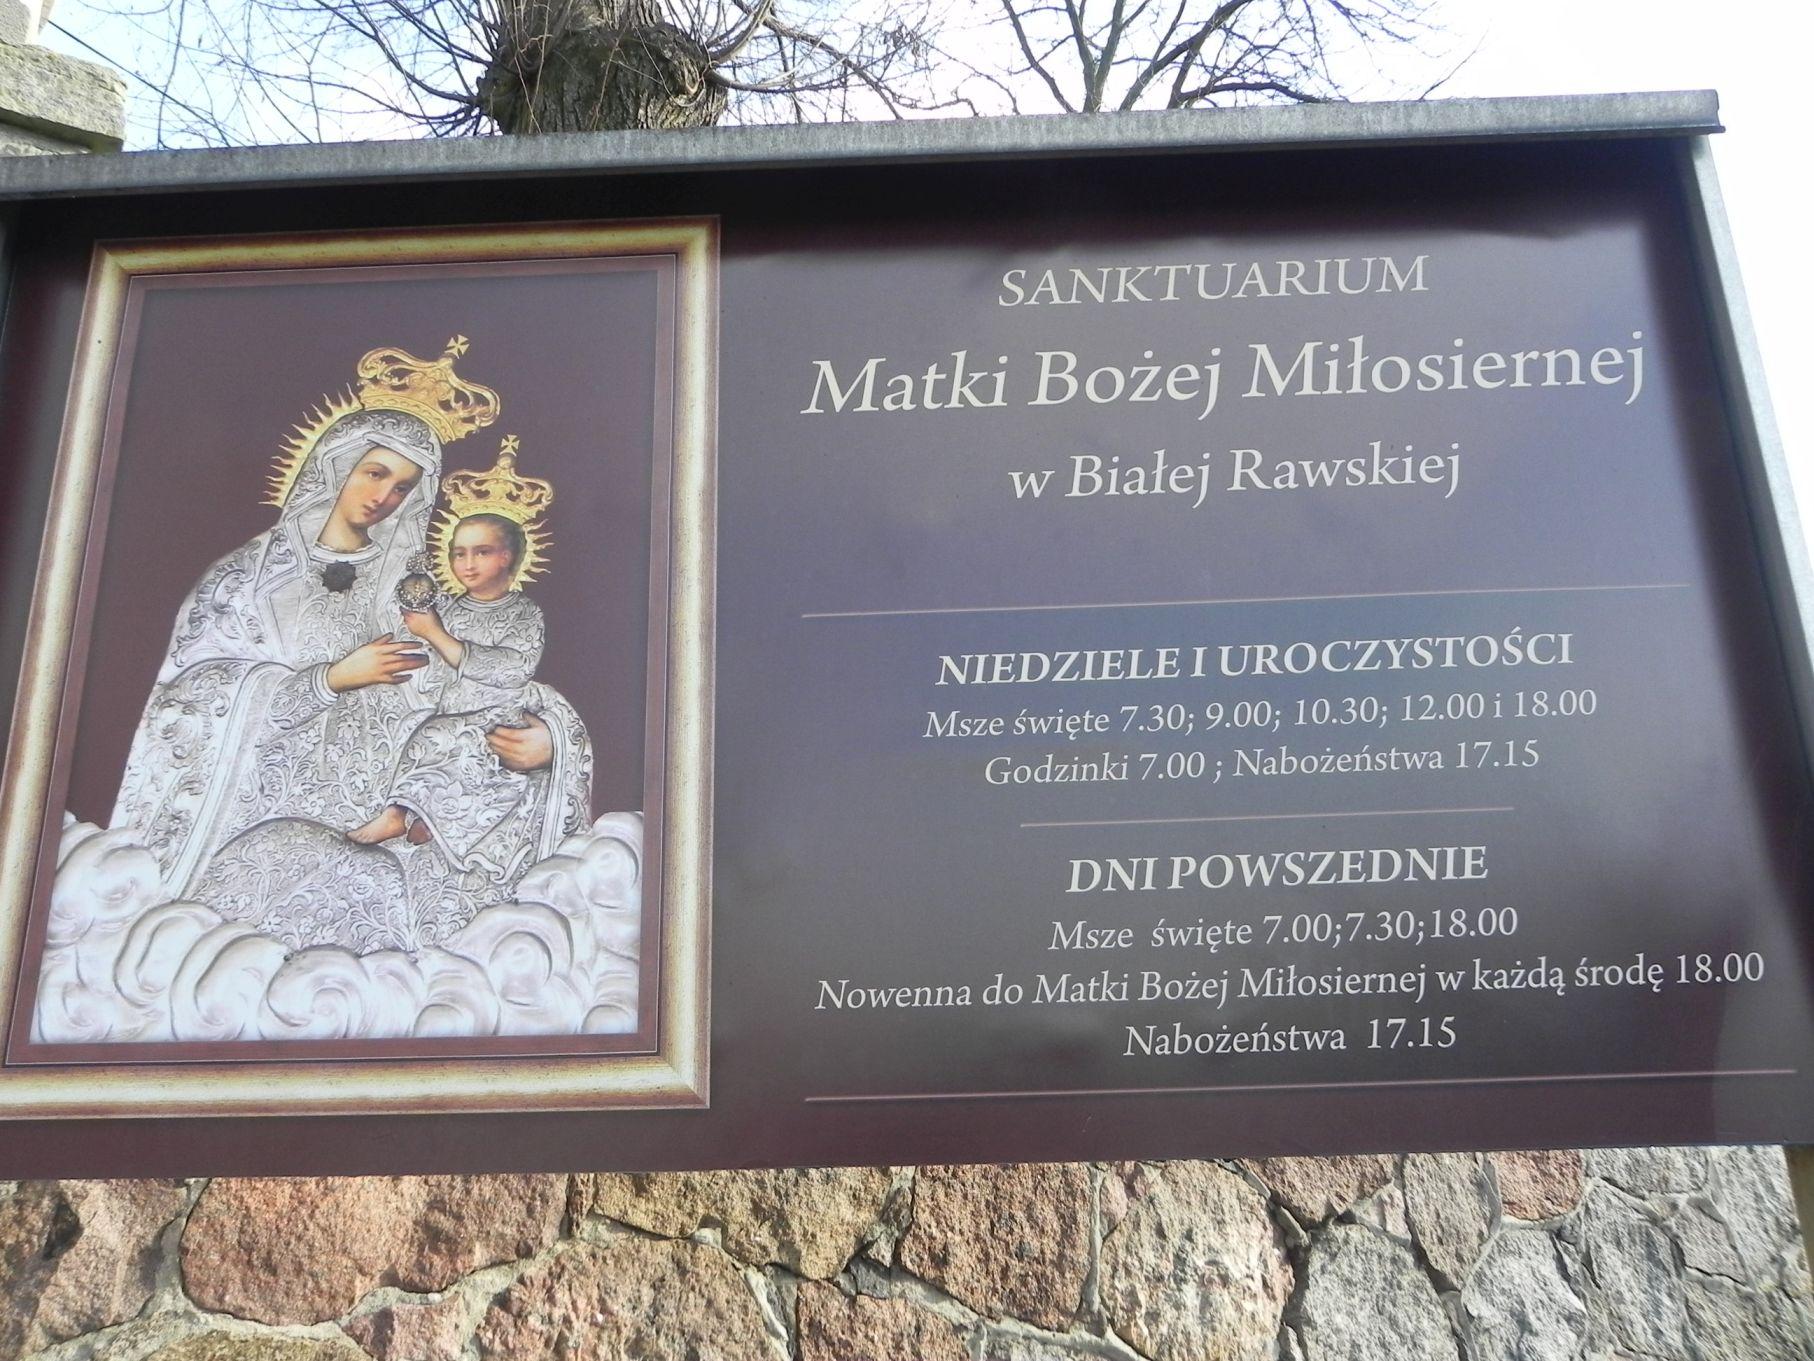 2013-11-11 Biała Rawska - 11 listopada (21)